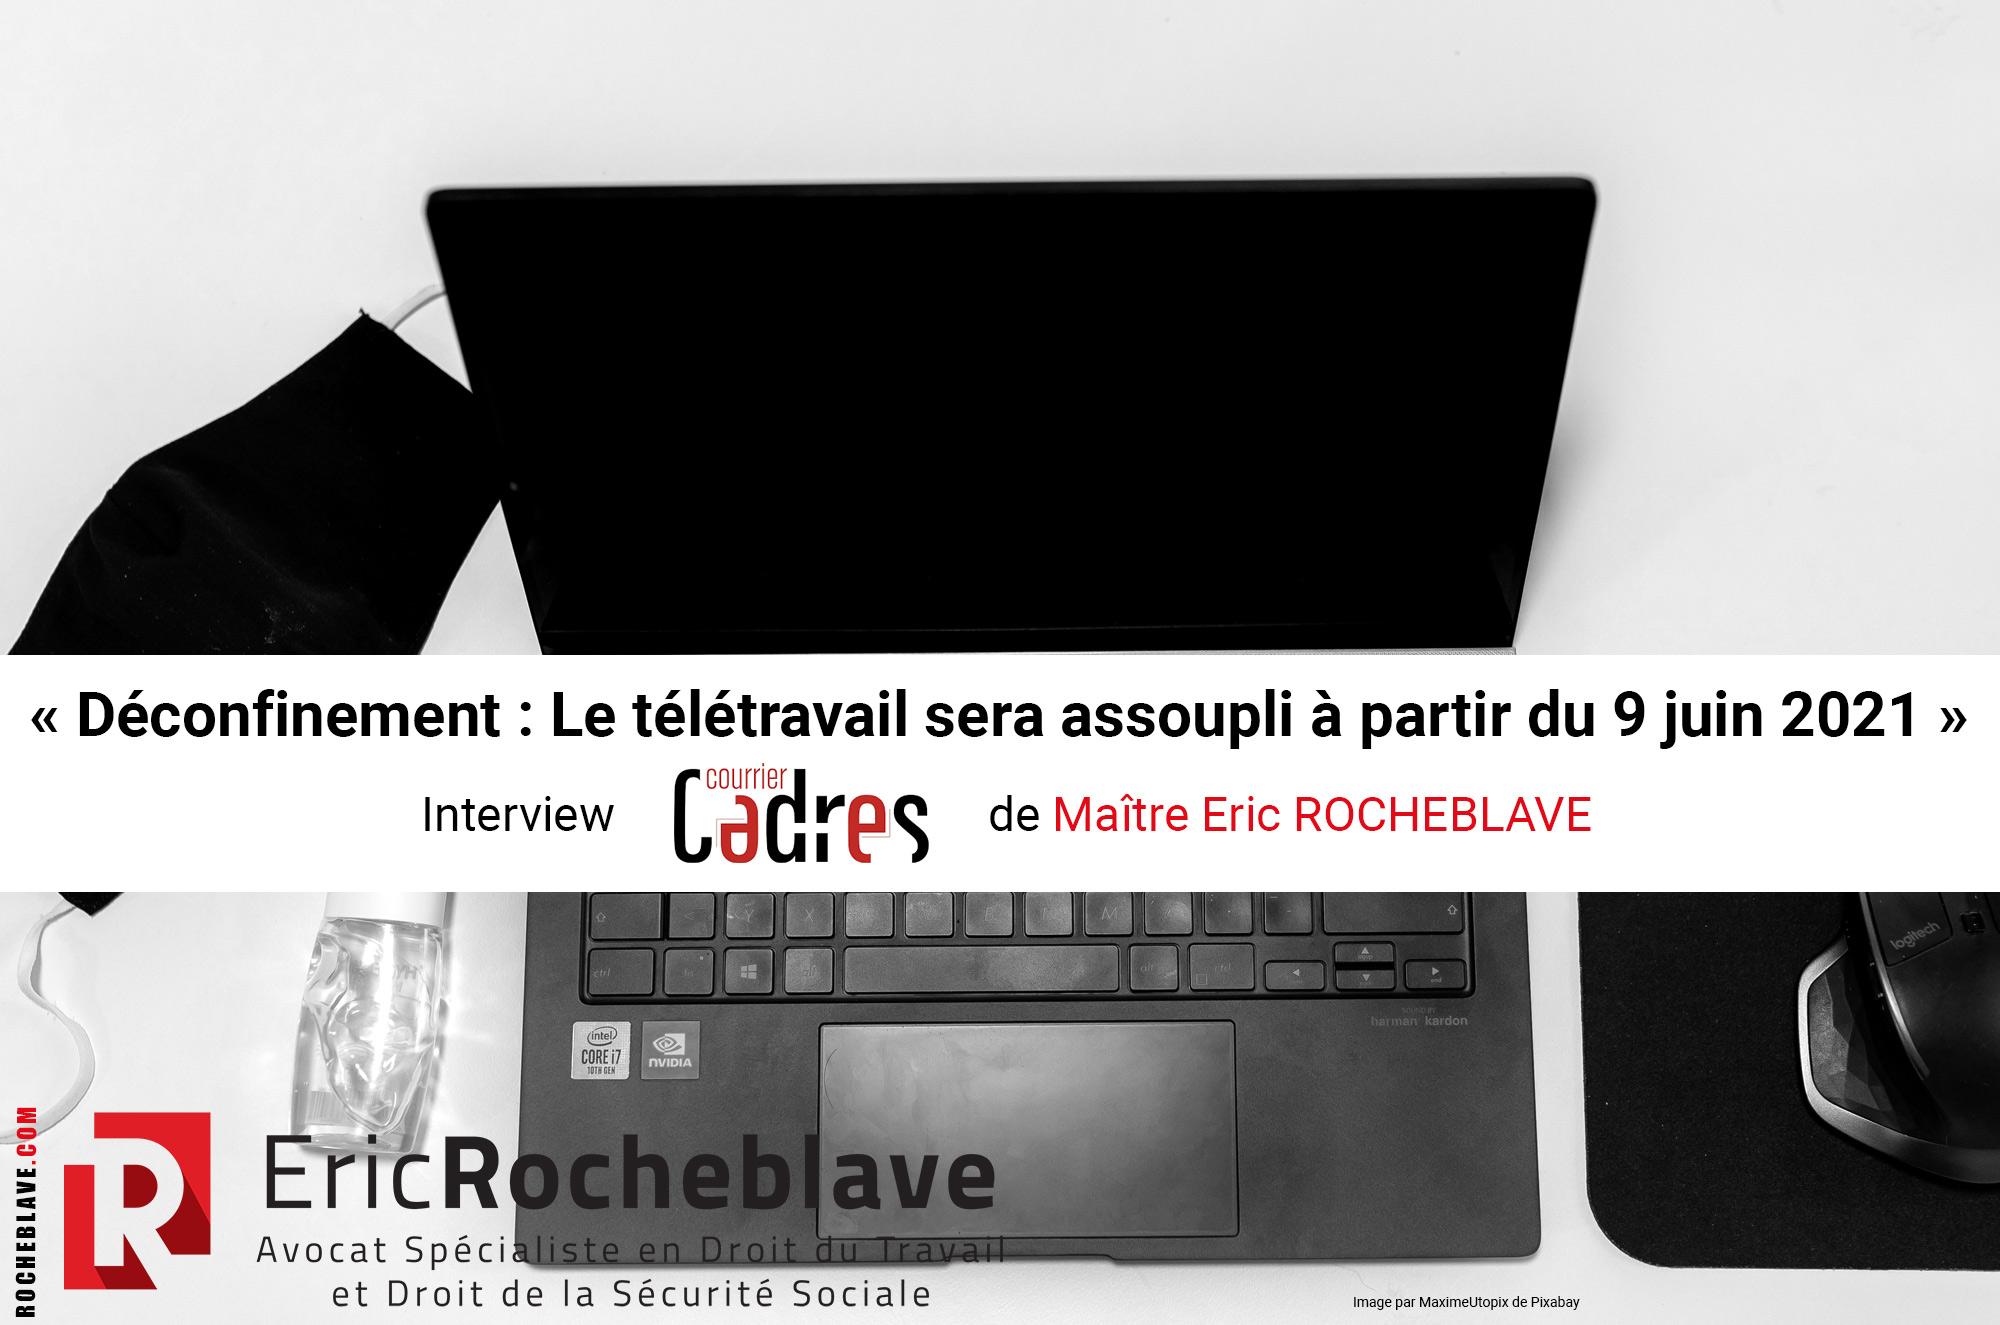 « Déconfinement : Le télétravail sera assoupli à partir du 9 juin 2021 » Interview Courrier Cadres de Maître Eric ROCHEBLAVE